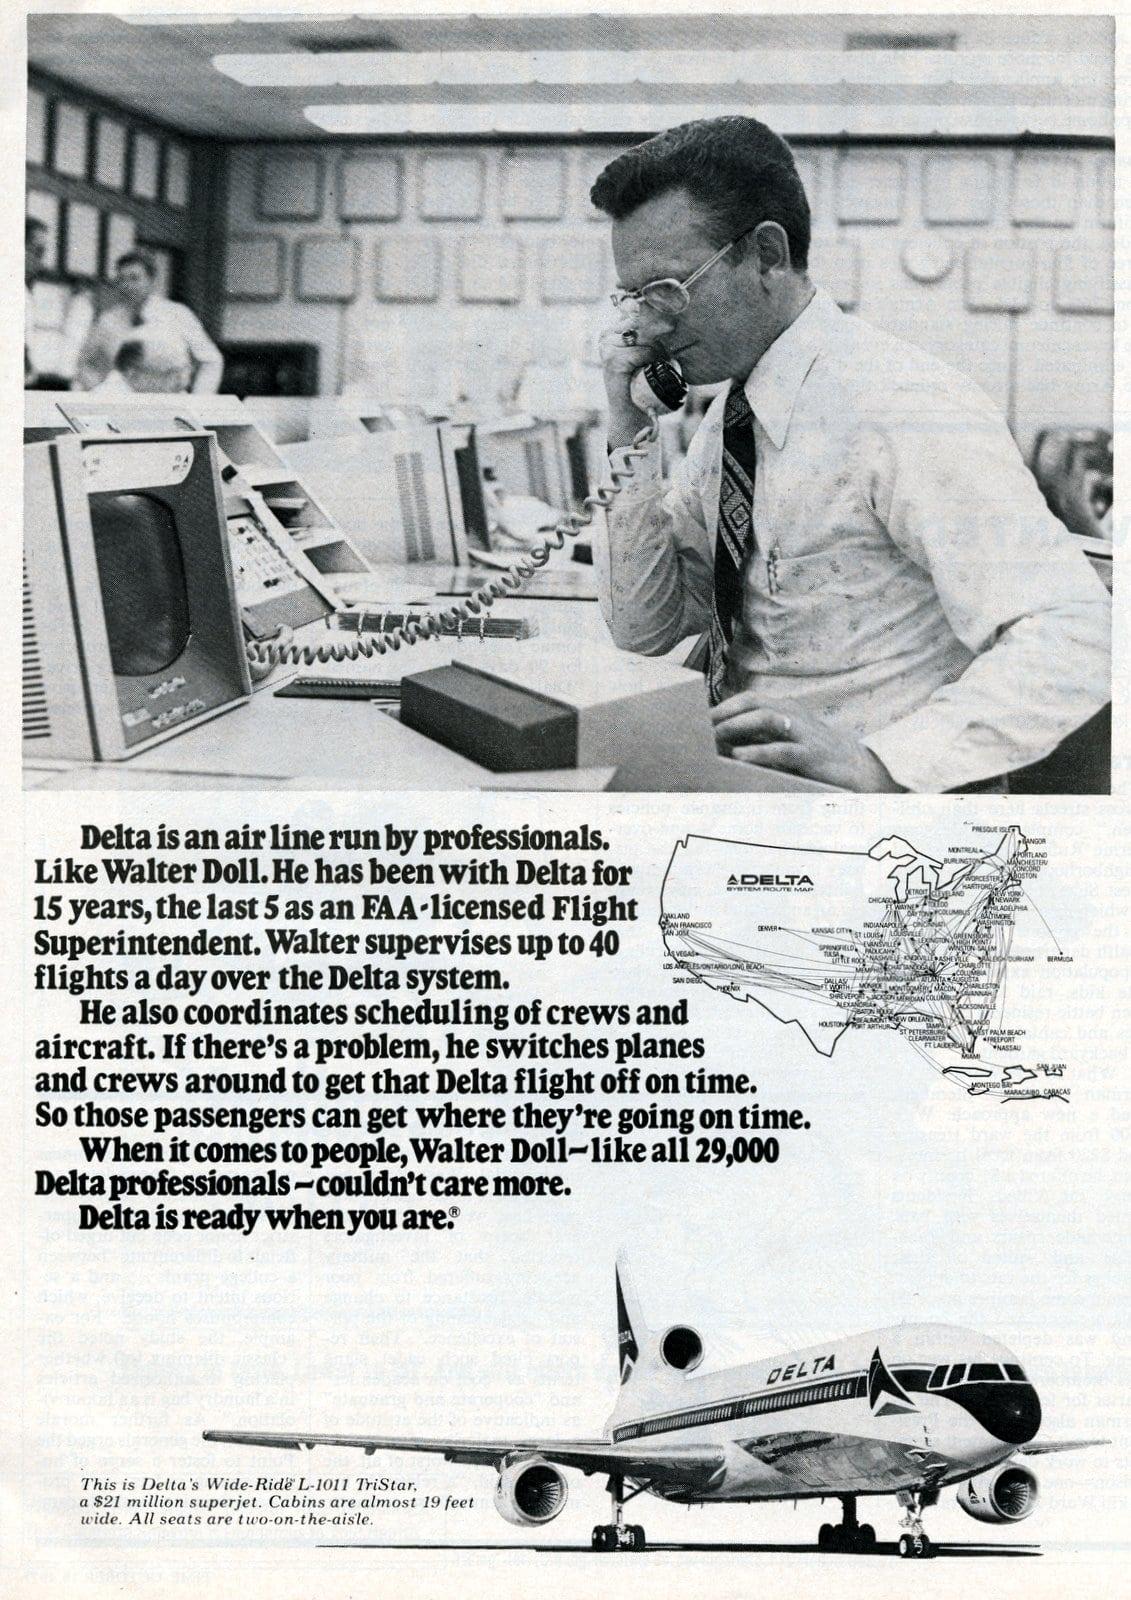 Delta Flight superintendent Walter Doll